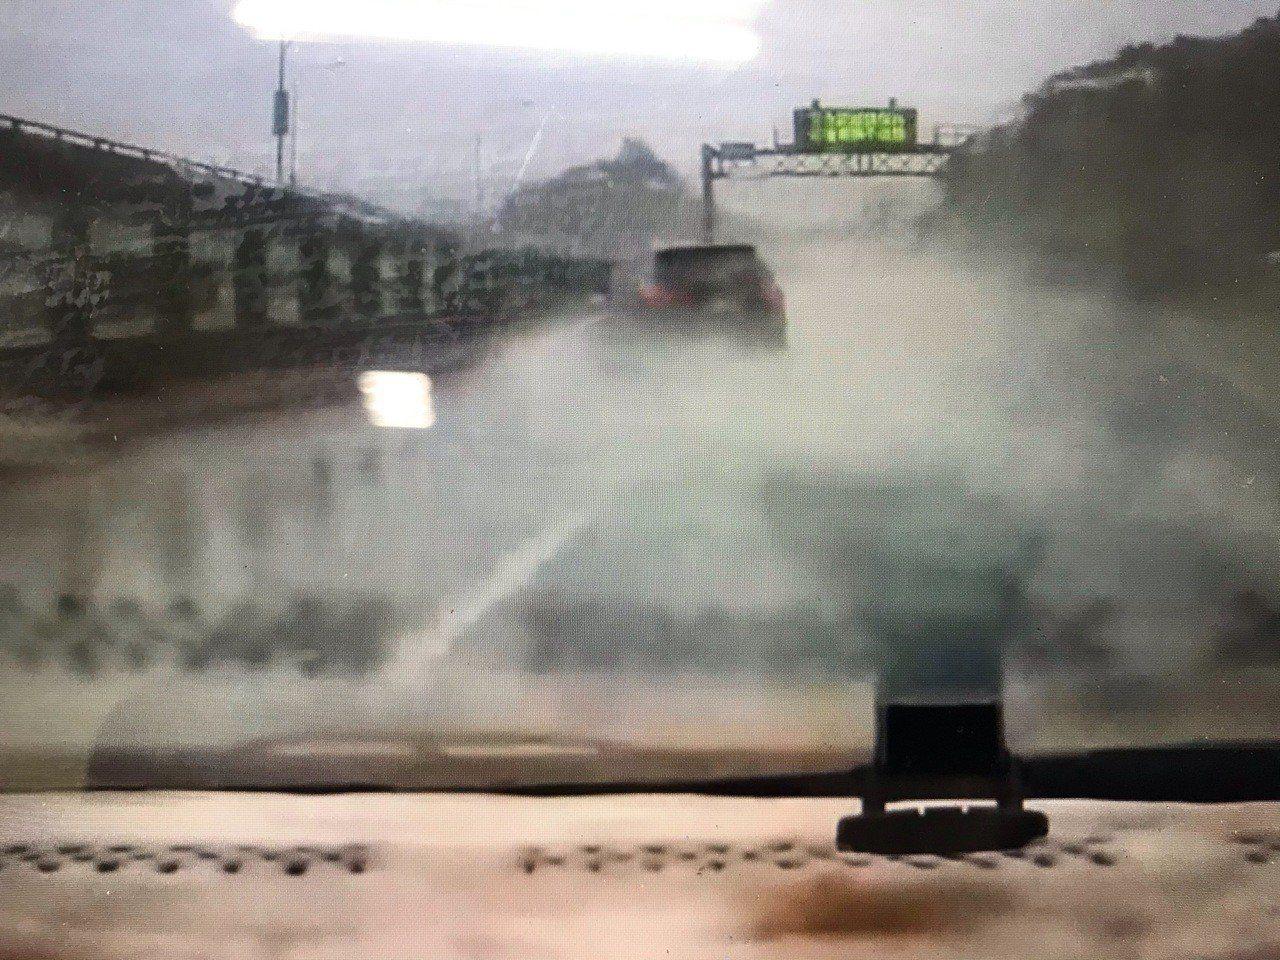 李姓男子清晨行經在中山高五堵路段,目睹前車打滑驚險畫面。圖/李姓讀者提供